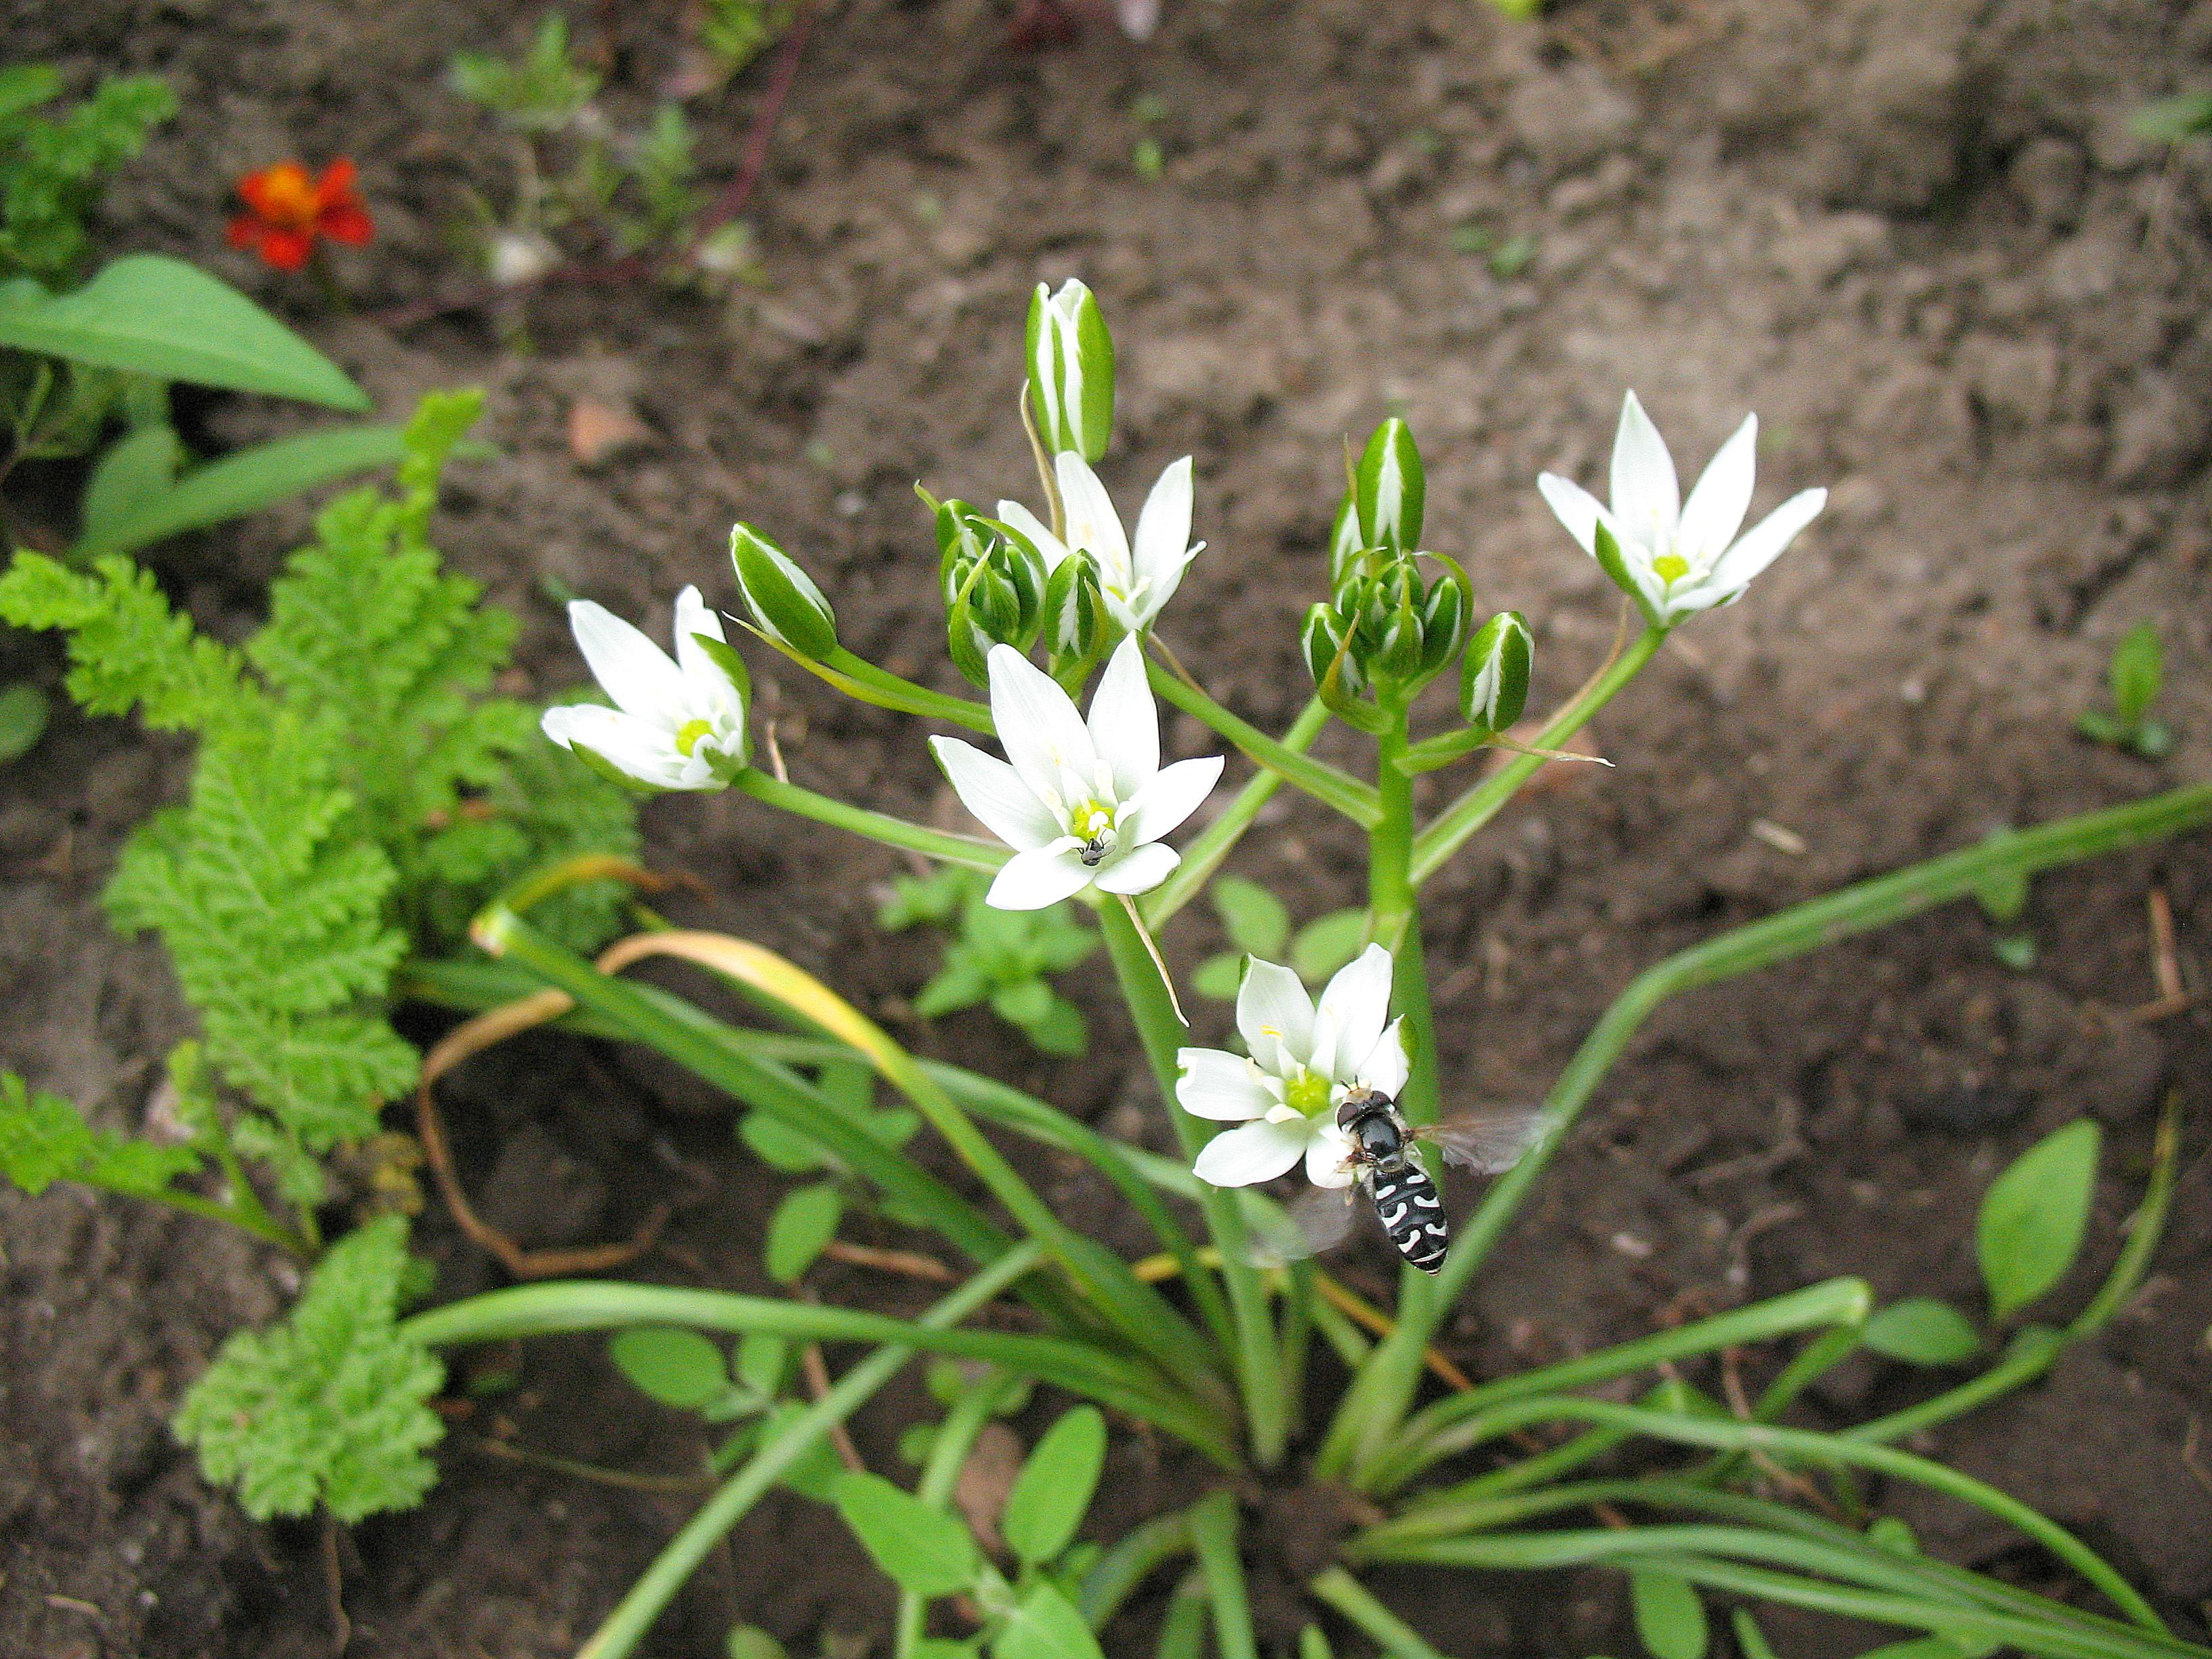 Дрок: фото и описание растения, посадка и уход, полезные свойства